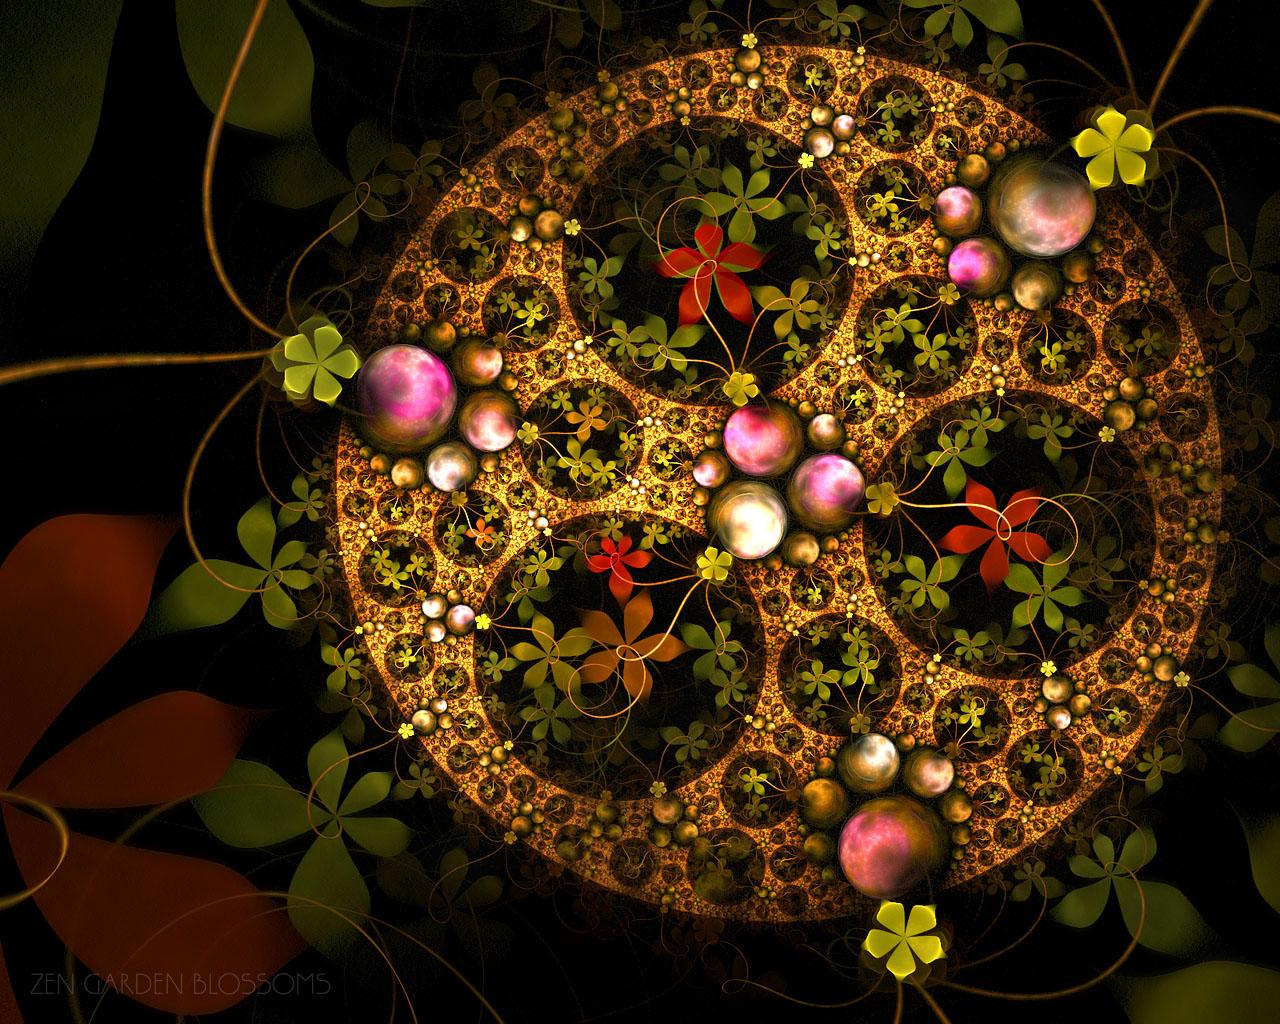 http://4.bp.blogspot.com/_9YRwjzlbruM/TSOn988imVI/AAAAAAAAC1U/vlm_S_xCgPA/s1600/ZEN+GARDEN+Blossoms.jpg